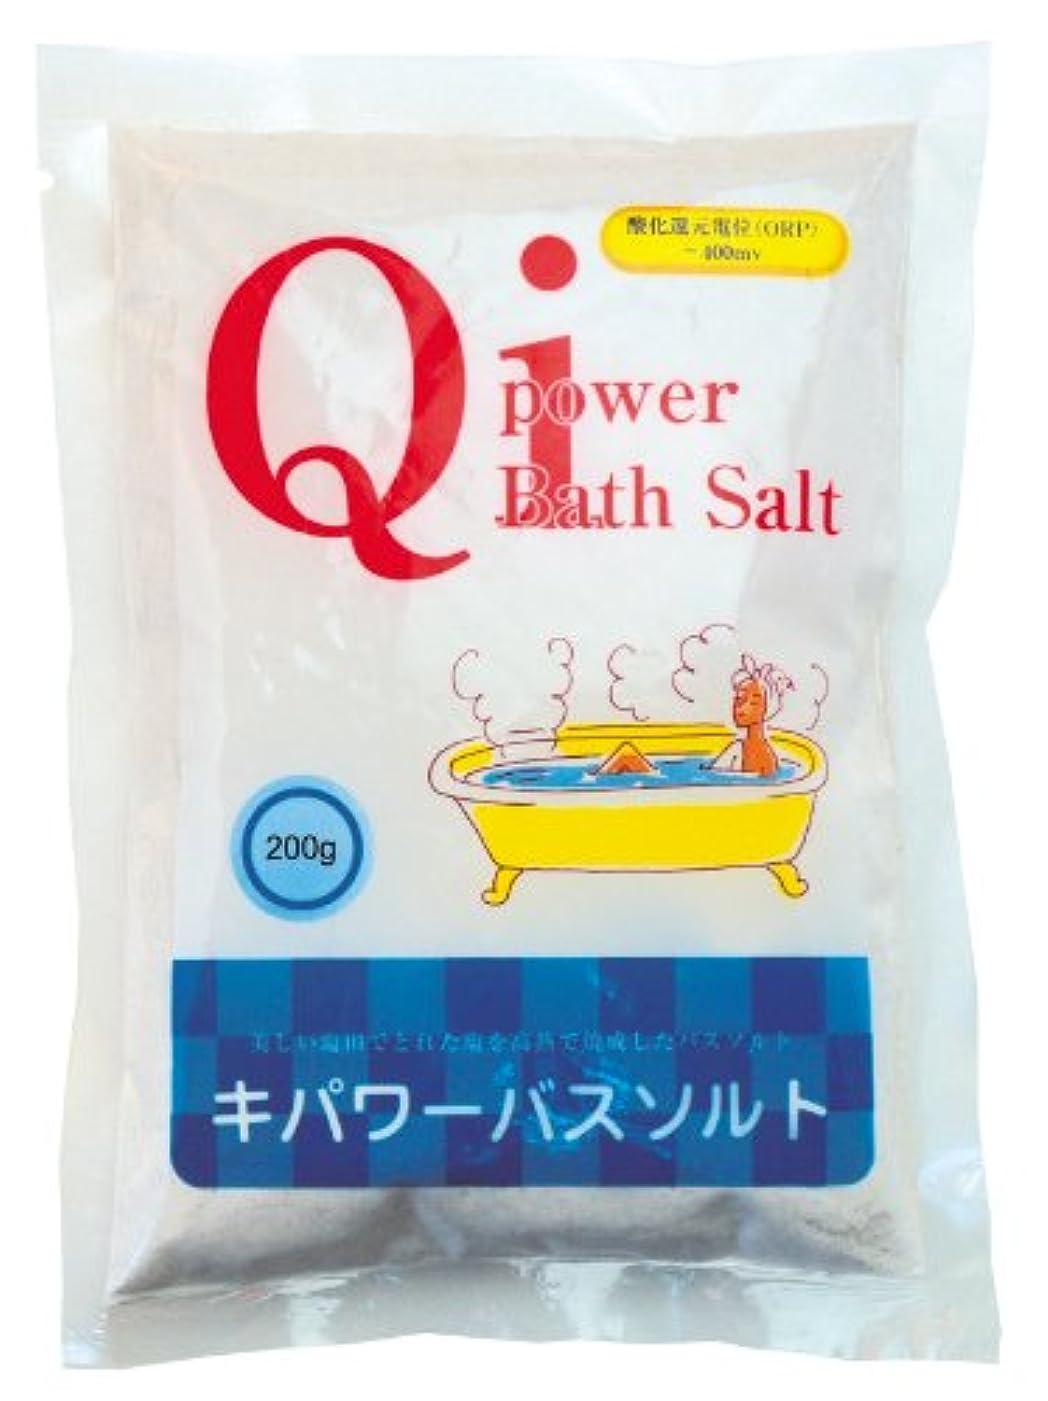 予測居眠りする背の高いキパワー 天日塩を独自高温焼成 キパワーバスソルト 200g 36セット